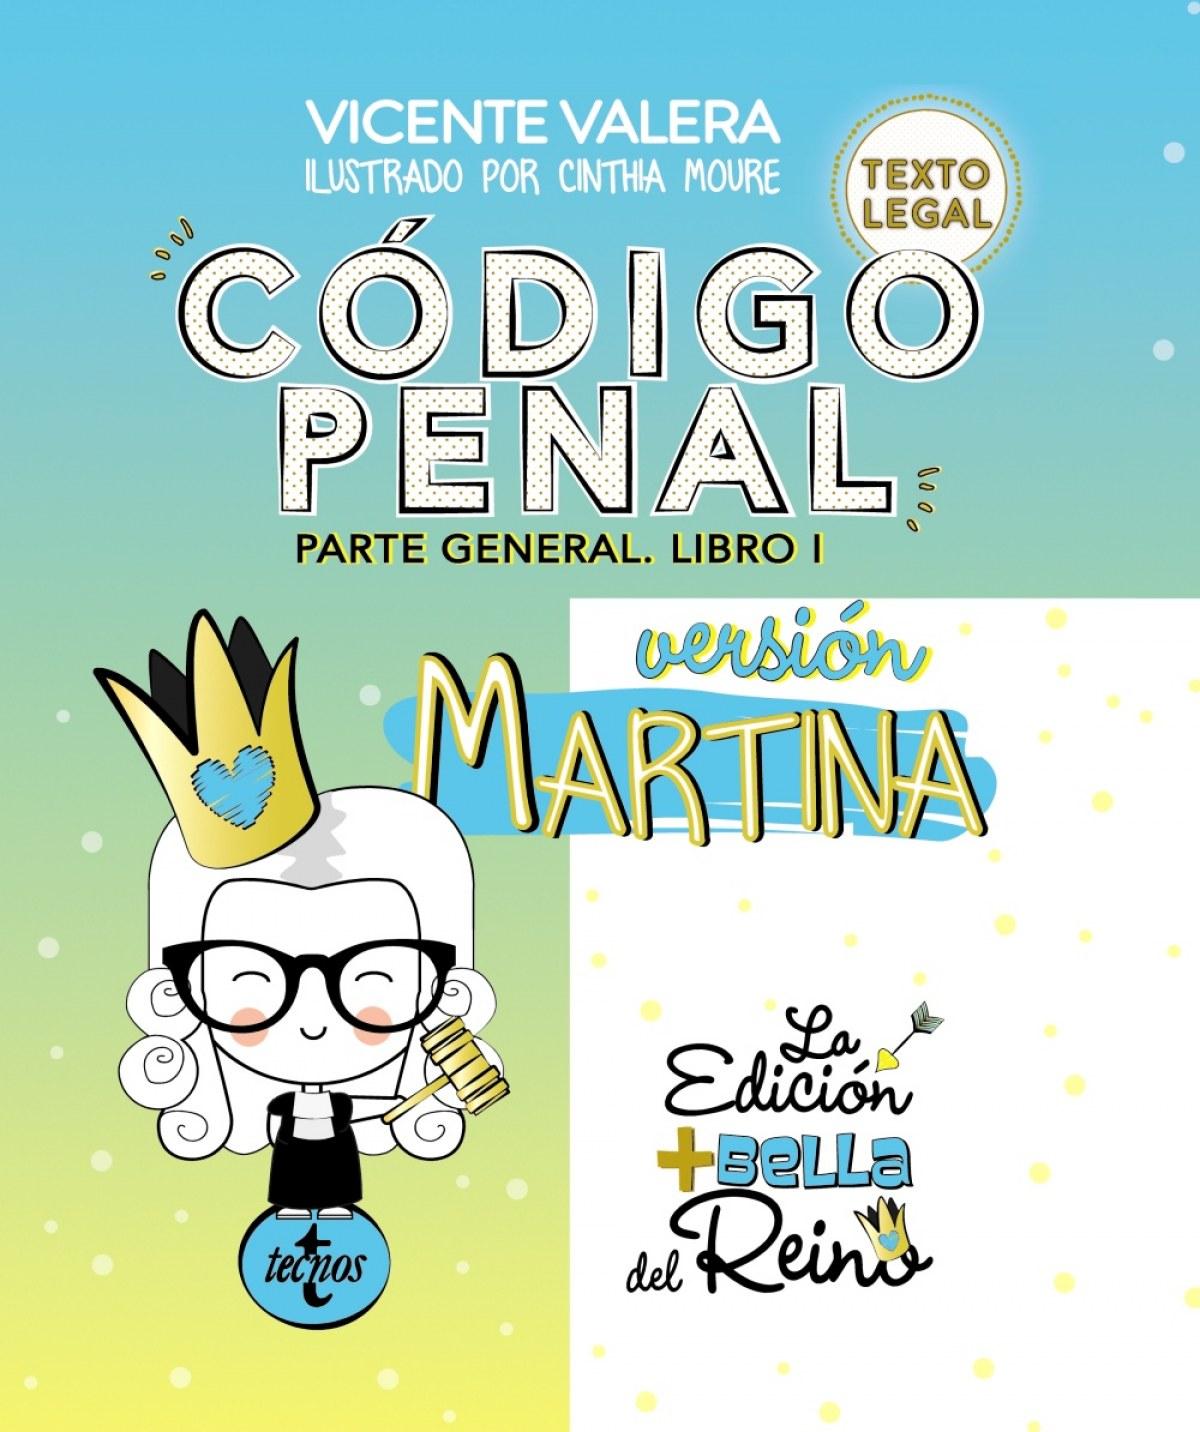 CÓDIGO PENAL. VERSIÓN MARTINA 9788430976188